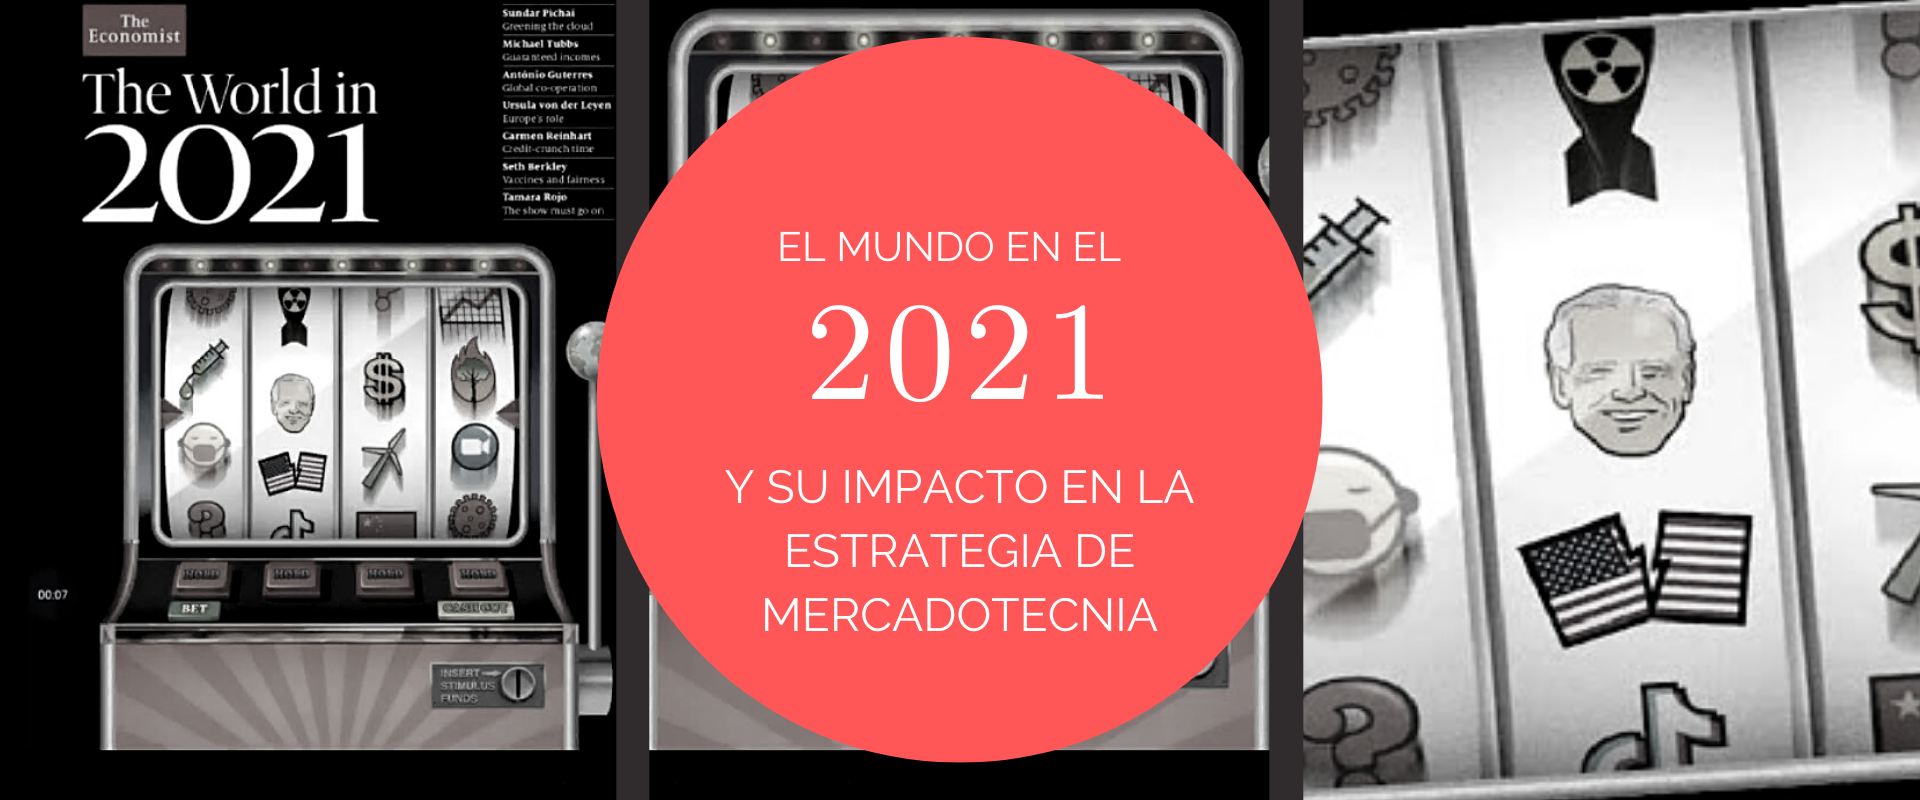 tendencias 2021 negocios estrategia mercadotecnia